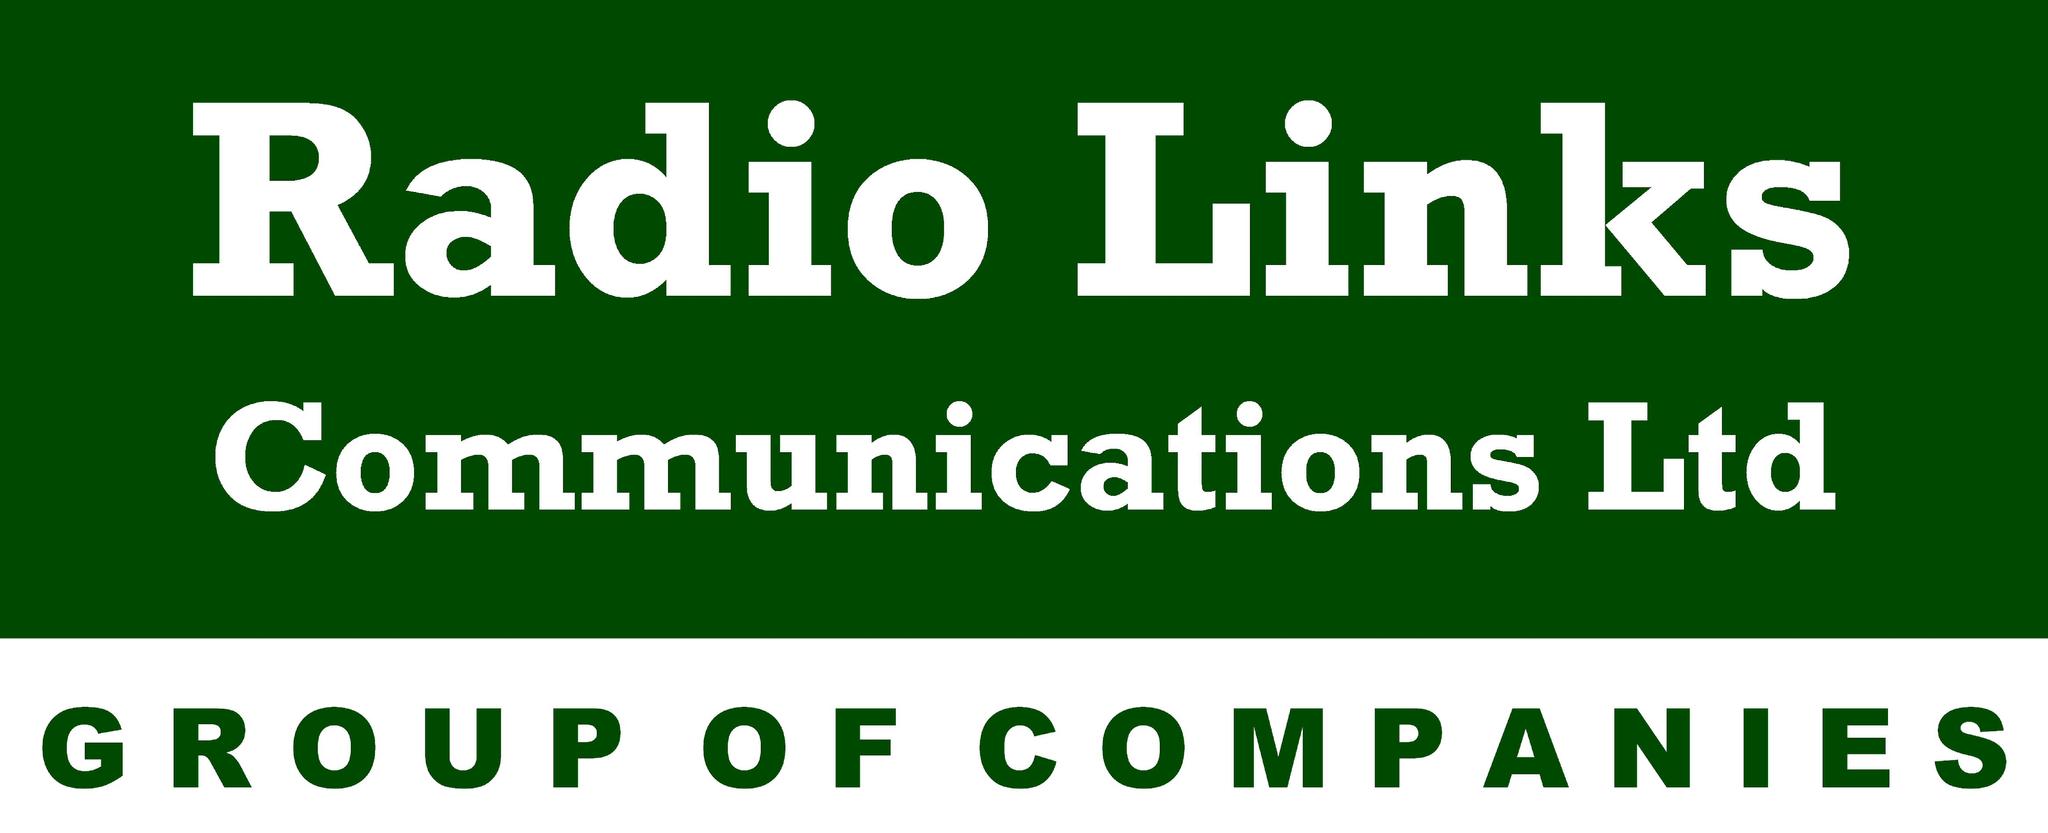 RadioLinks